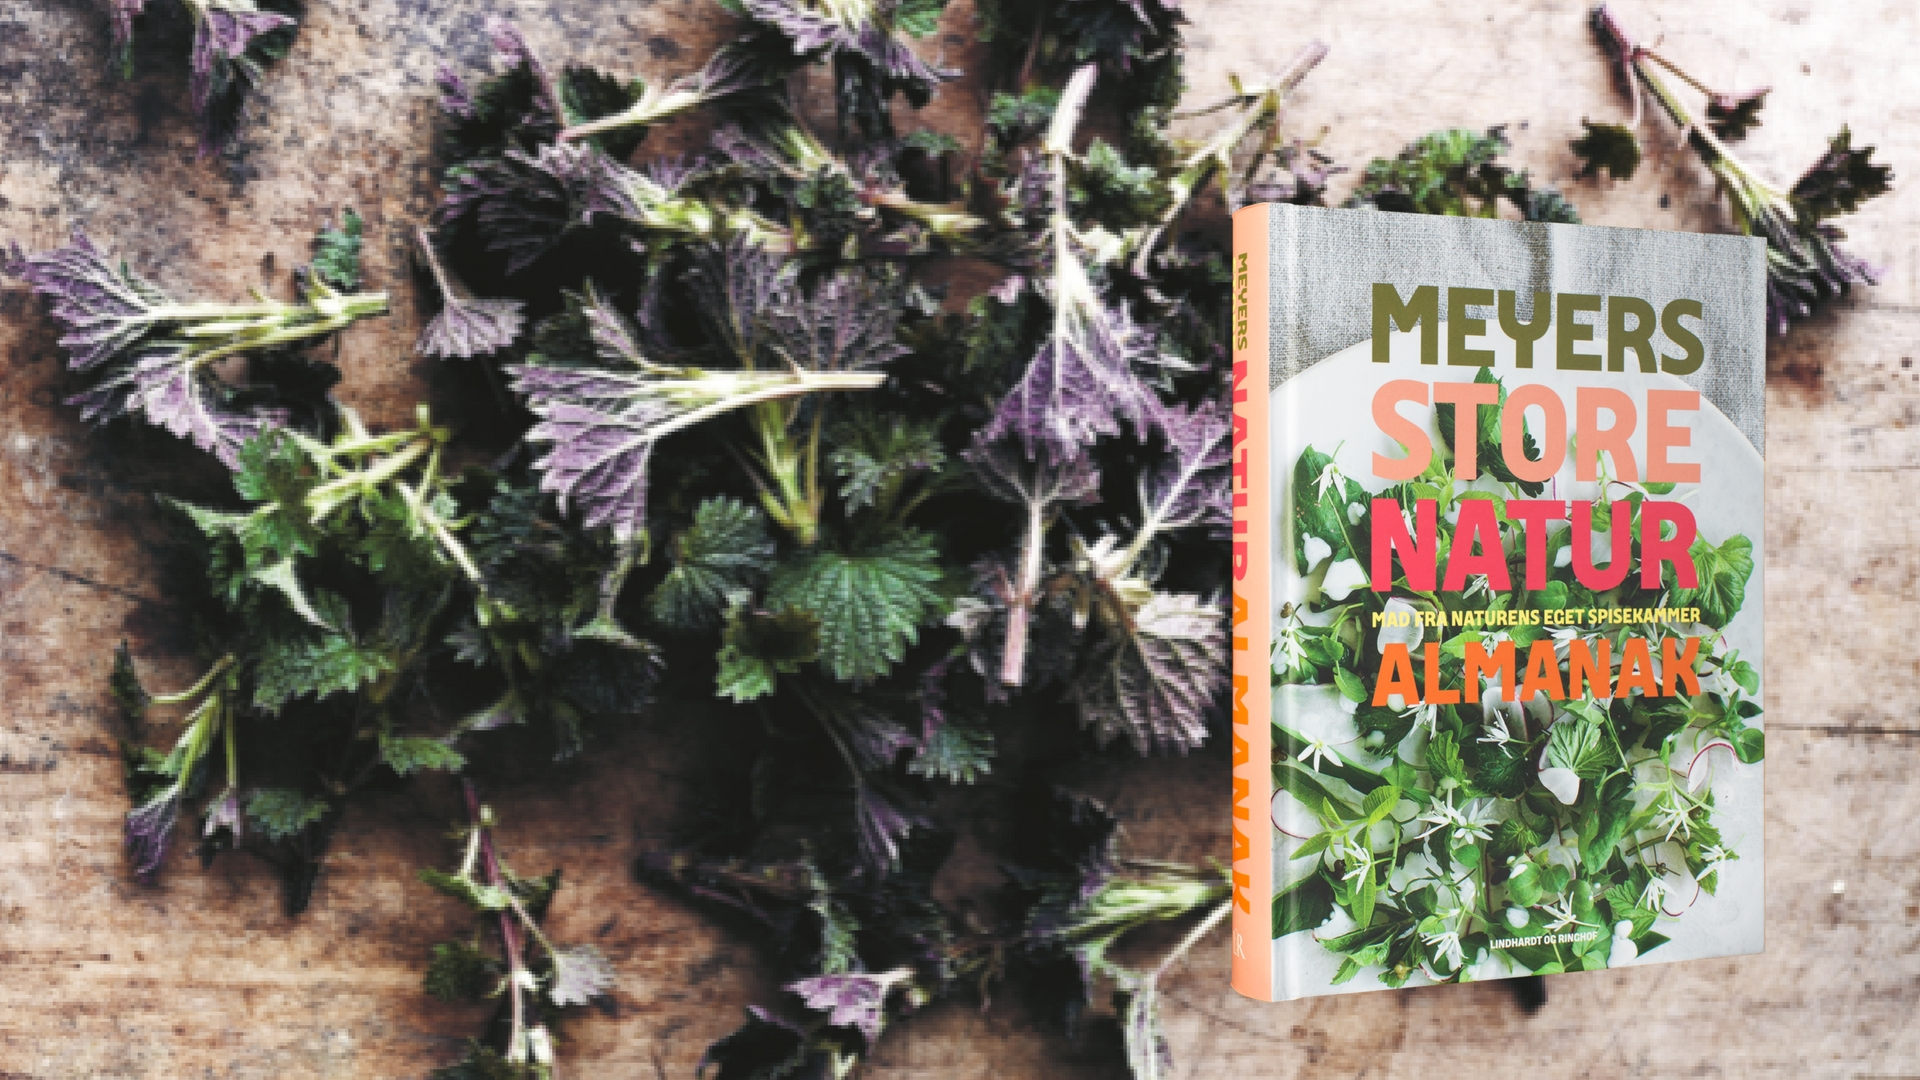 Meyer mad opskrifter almanak naturalmanak brændenælder